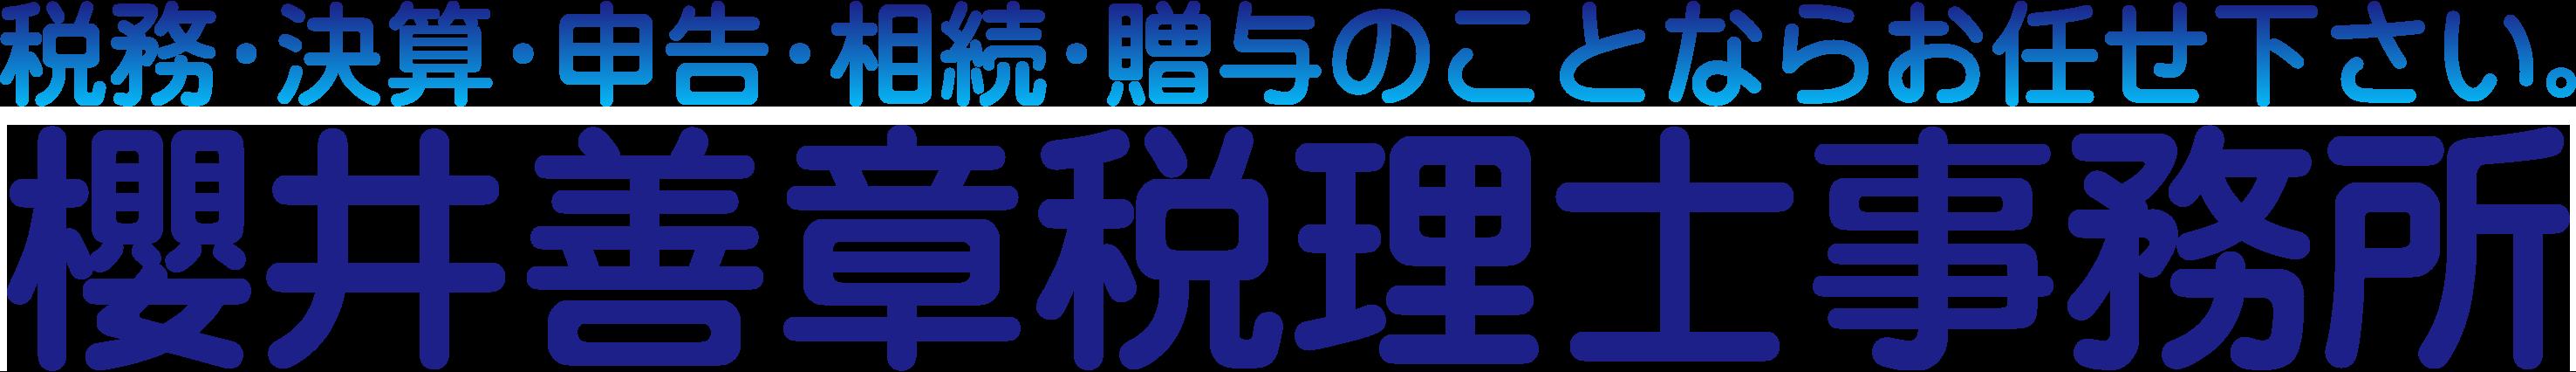 櫻井善章税理士事務所